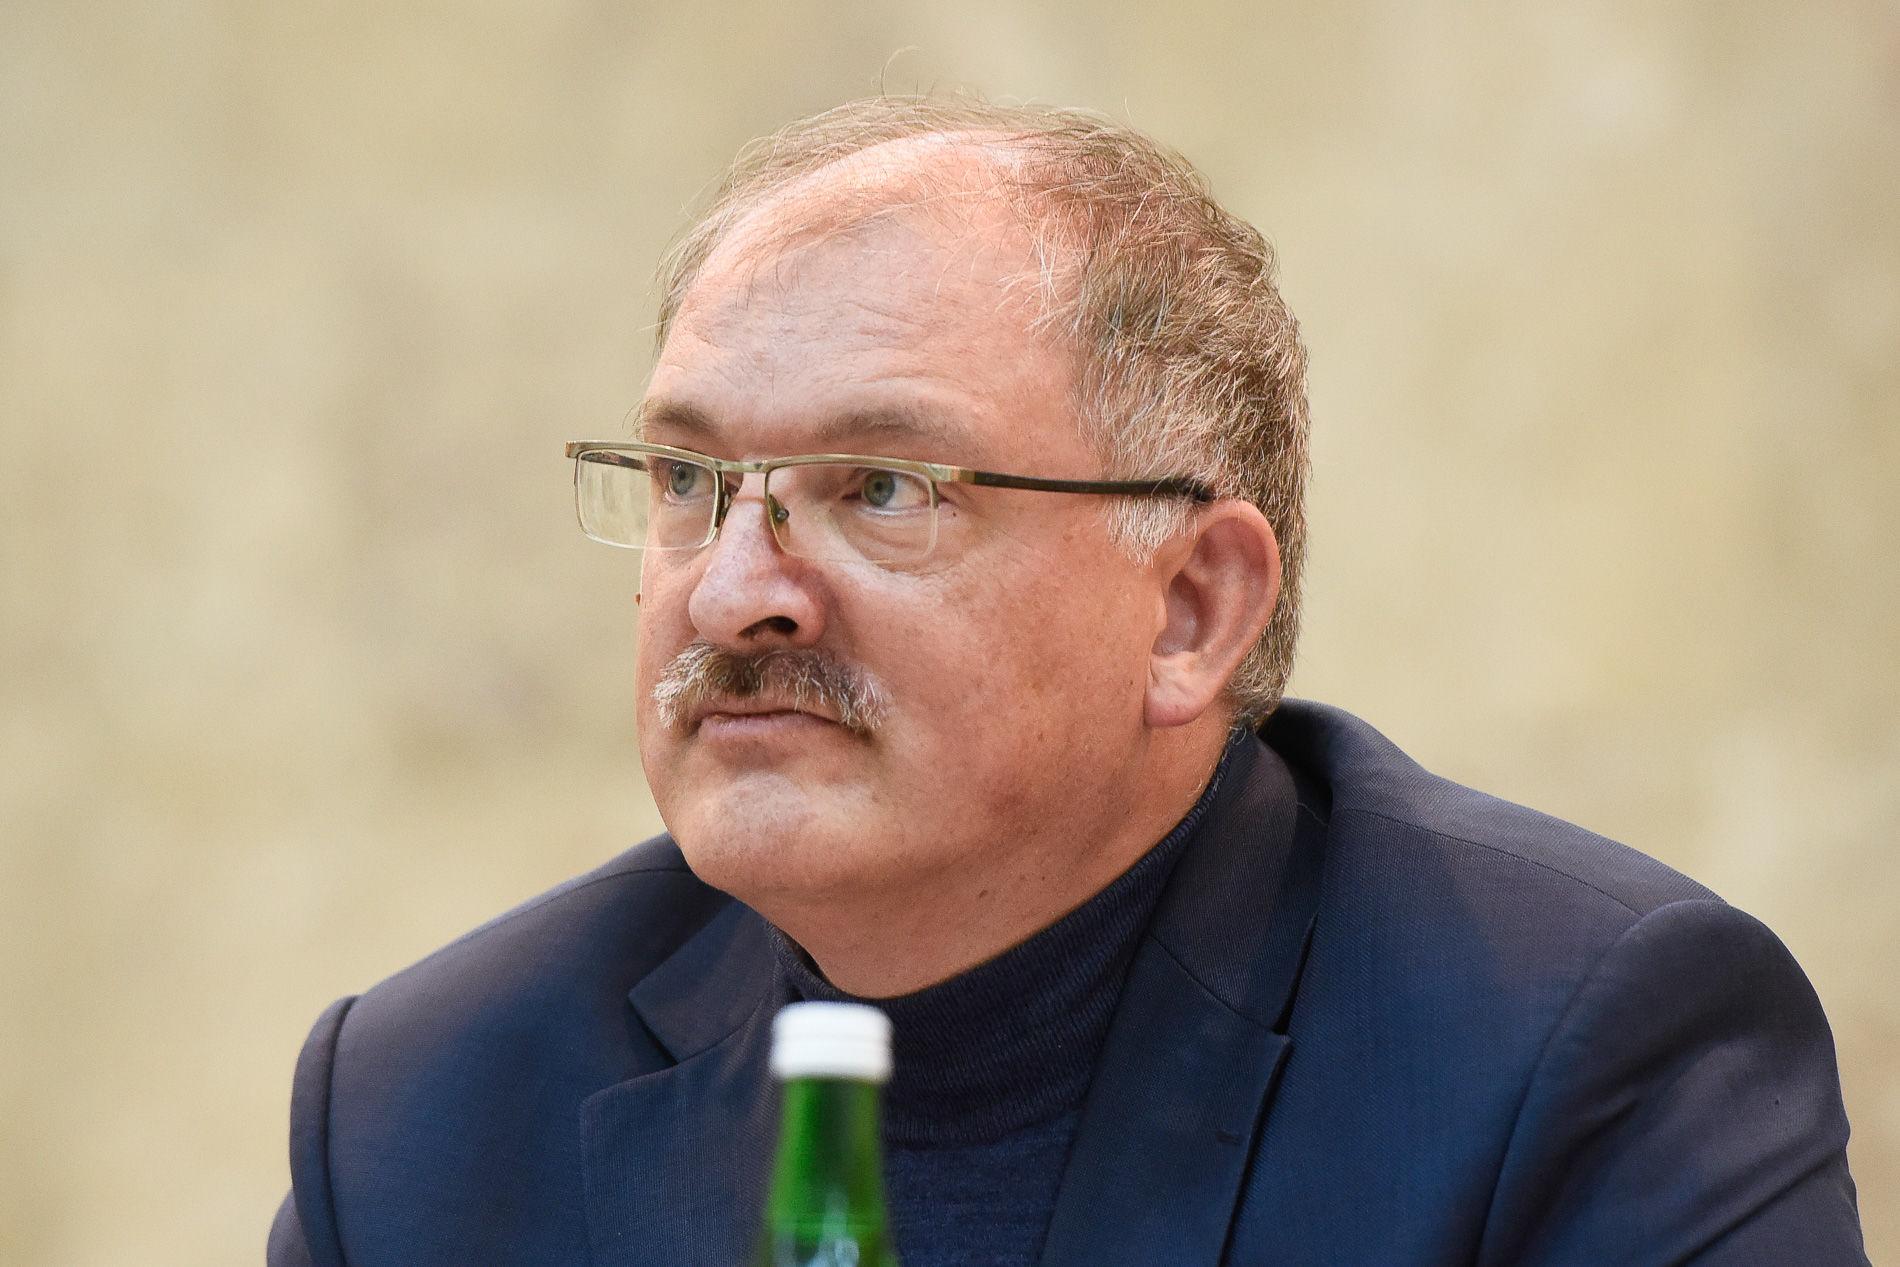 ВКраснодаре арестован главный архитектор Мазурок, авСочи— 1-ый вице-мэр Чермит